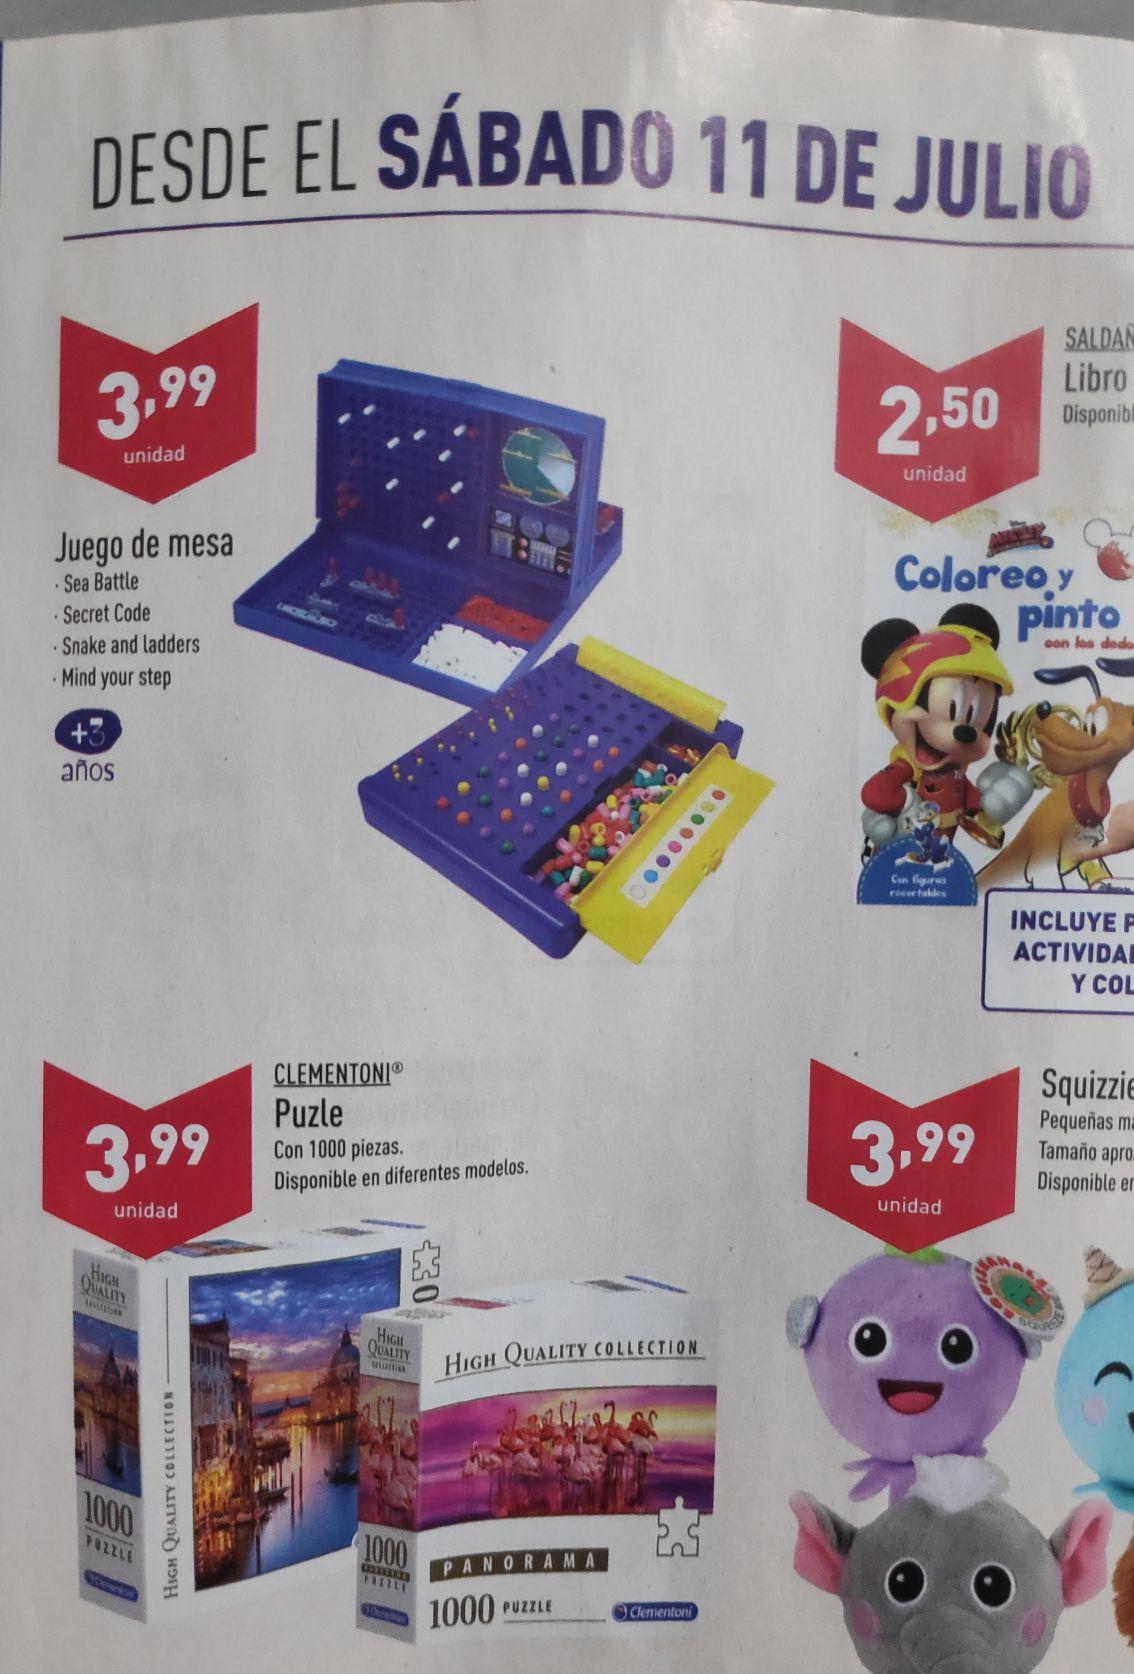 Supermercados ALDI - Puzzles Clementoni 1000 piezas